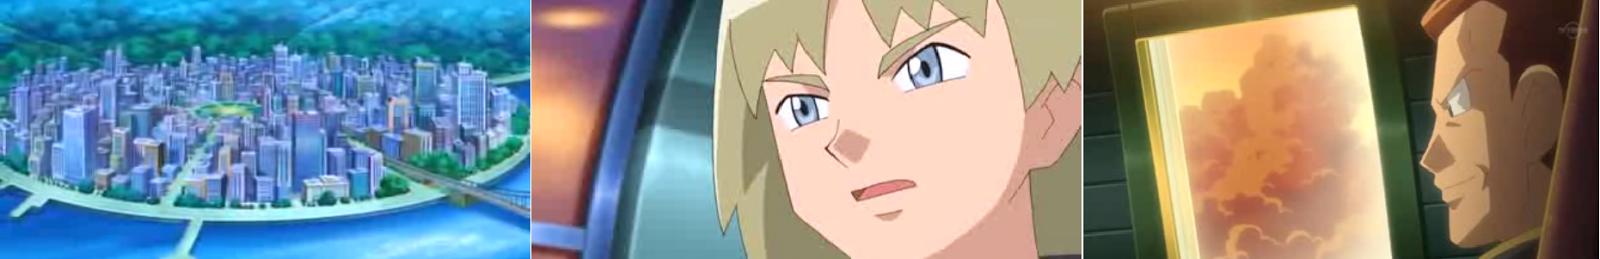 pokemon temporada 6 capitulo 22 latino dating